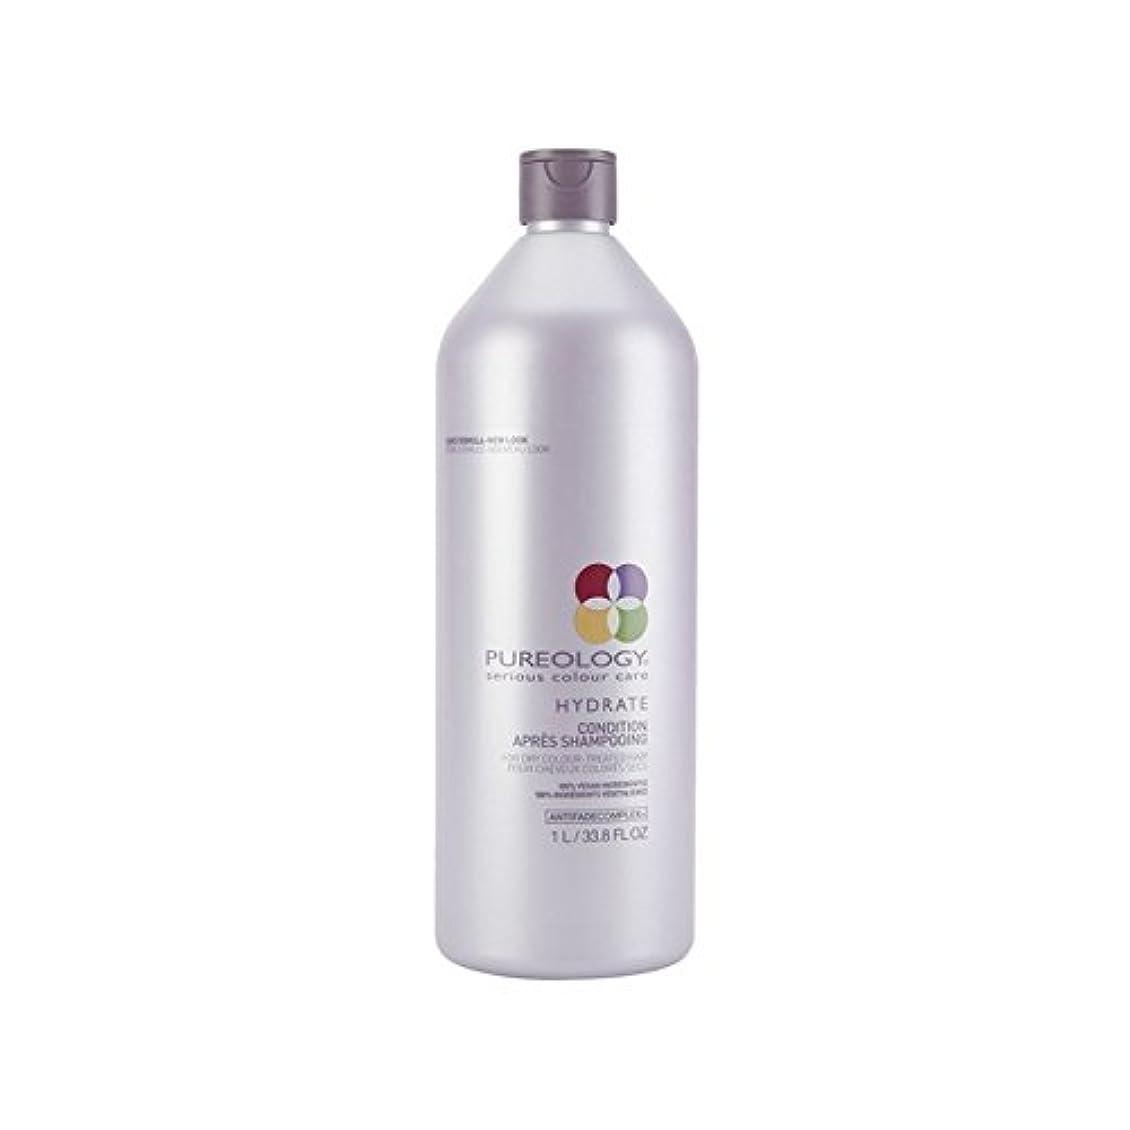 尊敬する人生を作る簡単に純粋な水和物コンディショナー(千ミリリットル) x2 - Pureology Pure Hydrate Conditioner (1000ml) (Pack of 2) [並行輸入品]